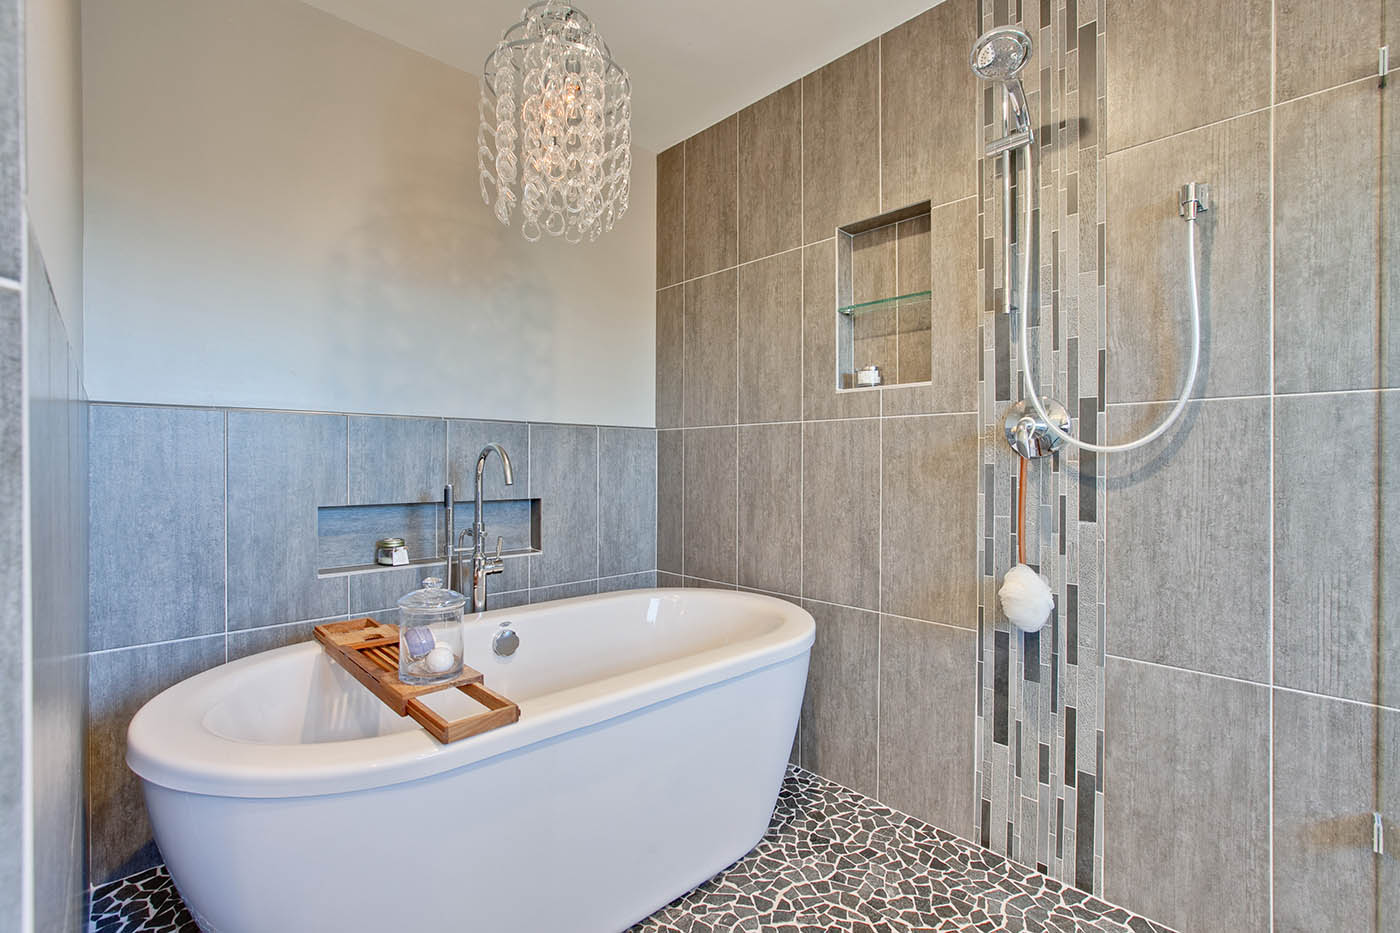 Julie-A-Green-Oaks-Bathroom-after-4